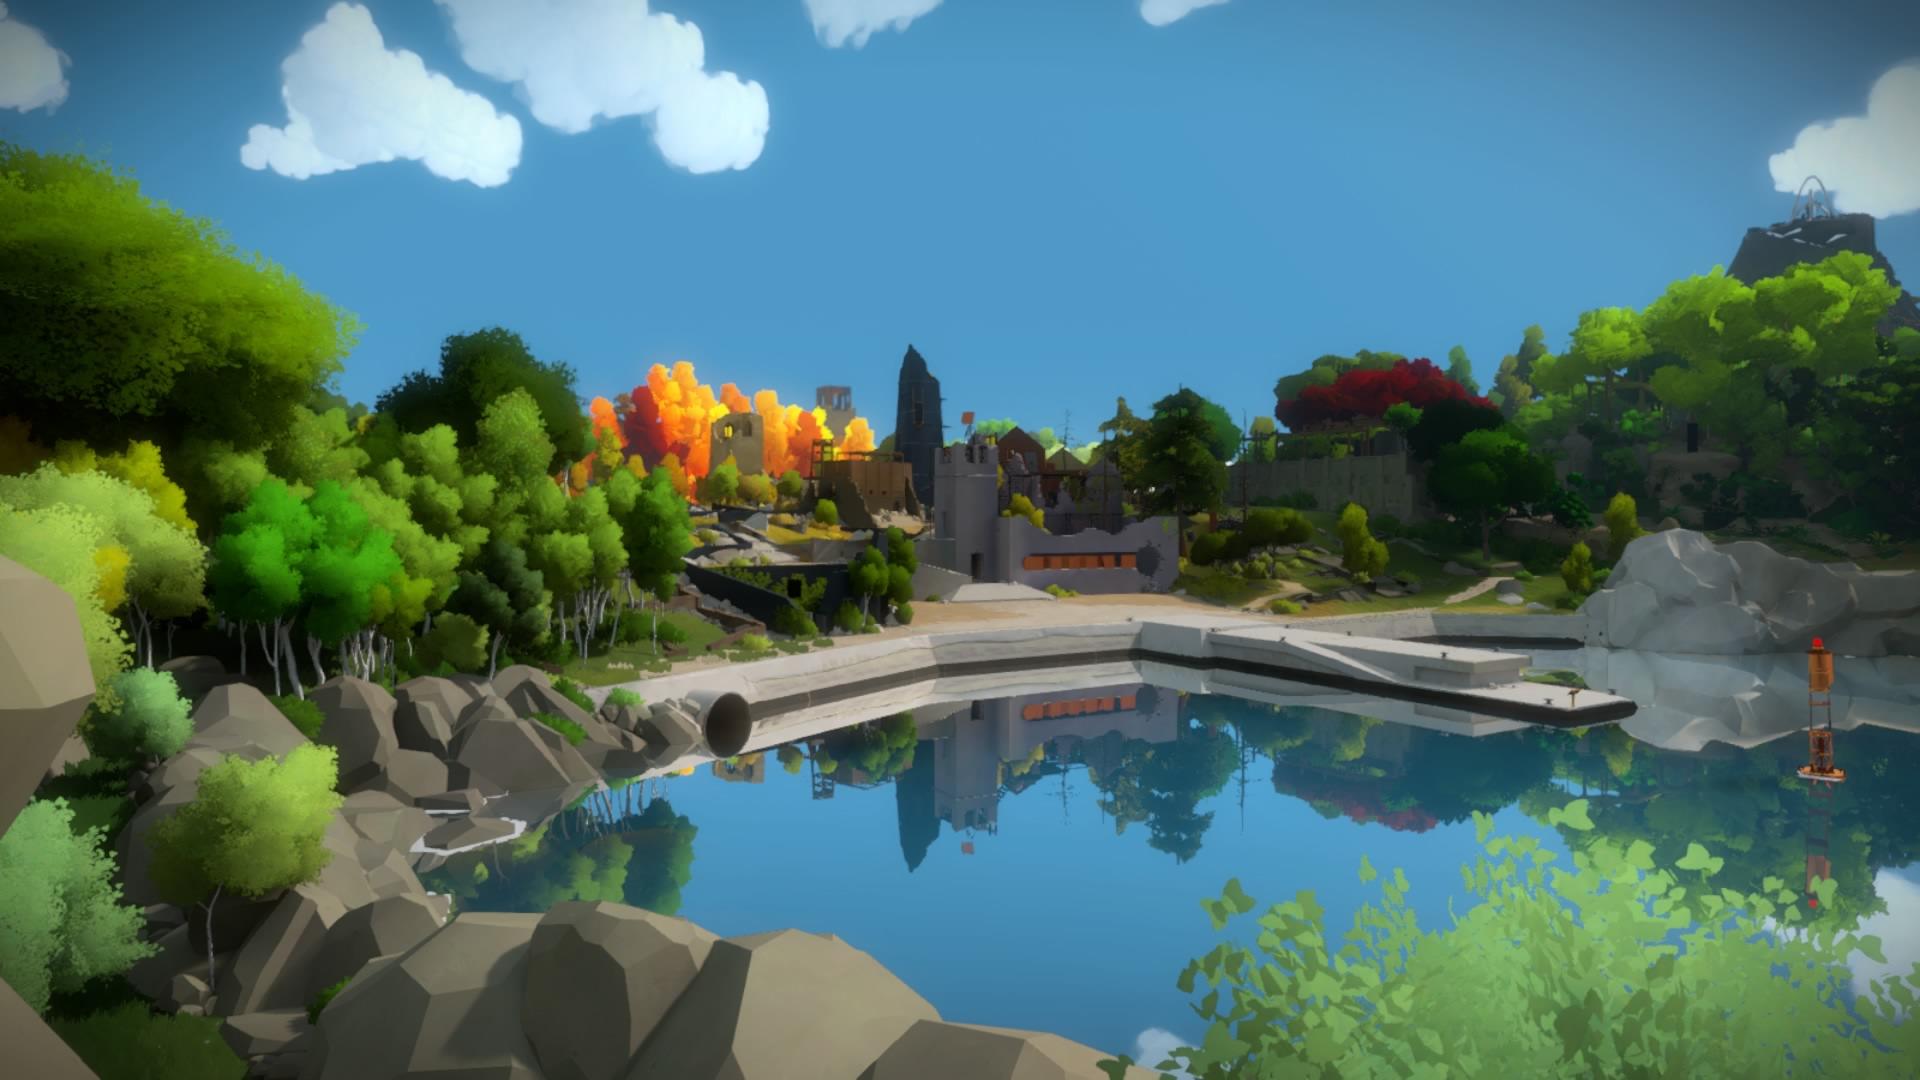 Foto: Skjermdump fra spillet